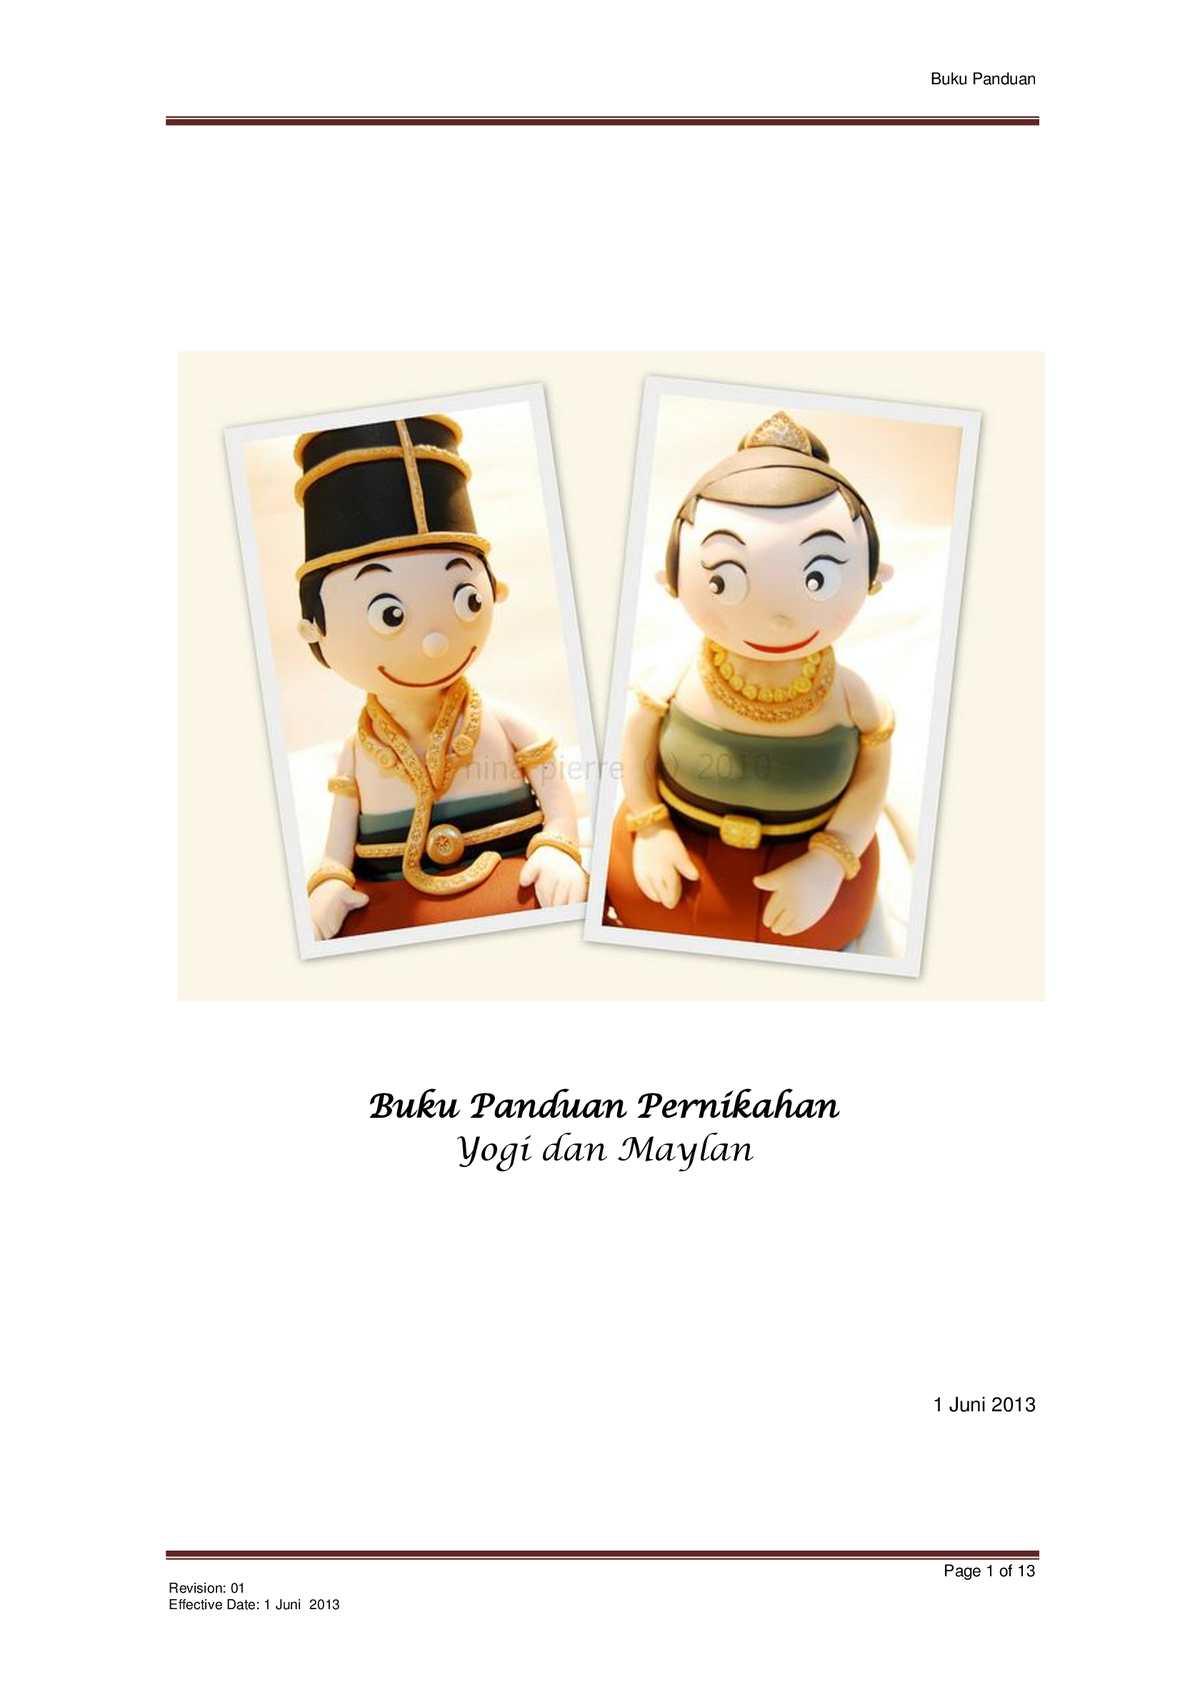 Buku Panduan Acara Pernikahan Yogi & Maylan 1 Juni 2013